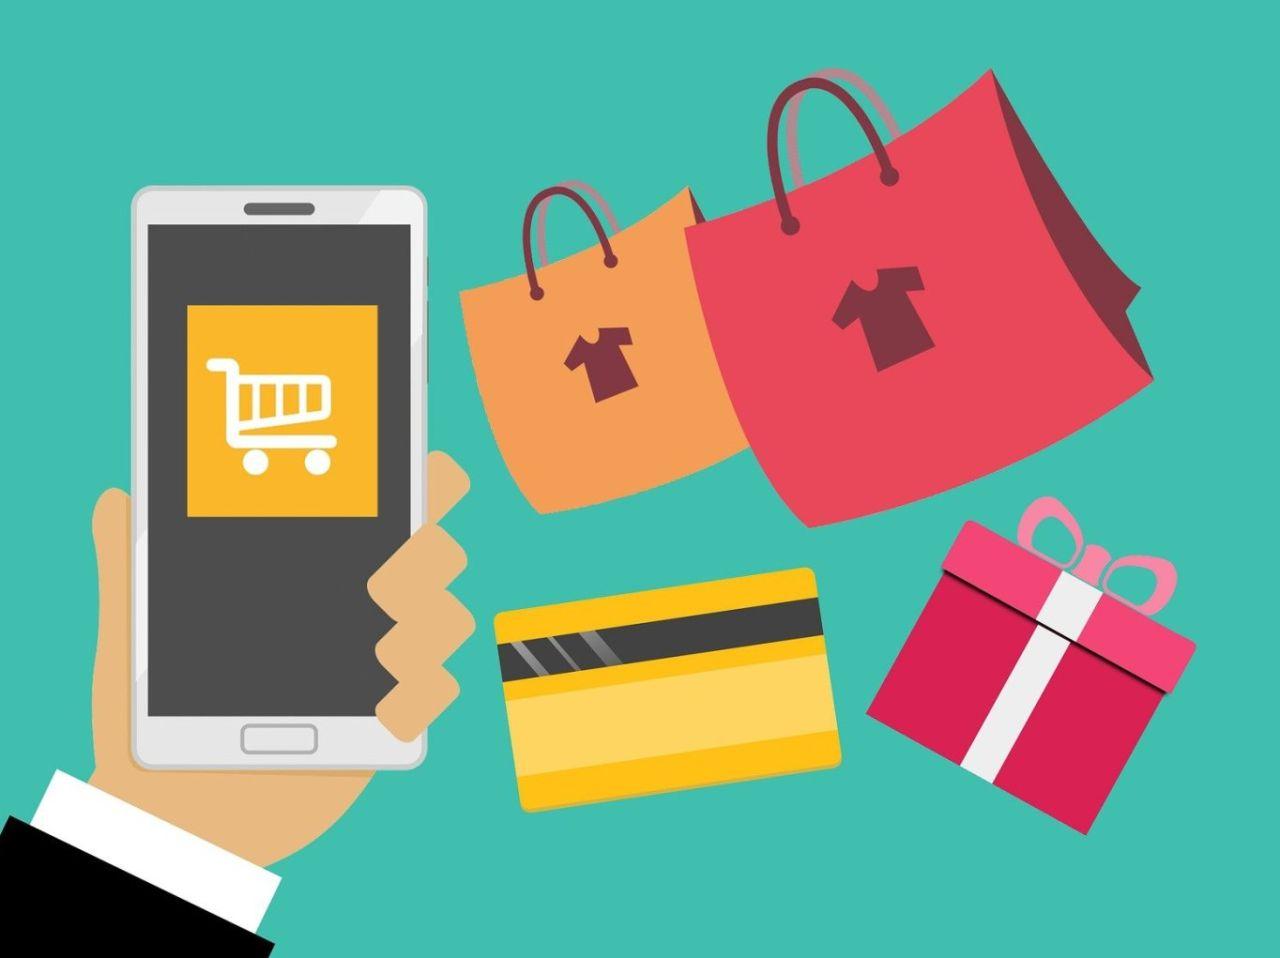 Face aux grandes plateformes de vente en ligne, les commerçants indépendants font-ils le poids ?